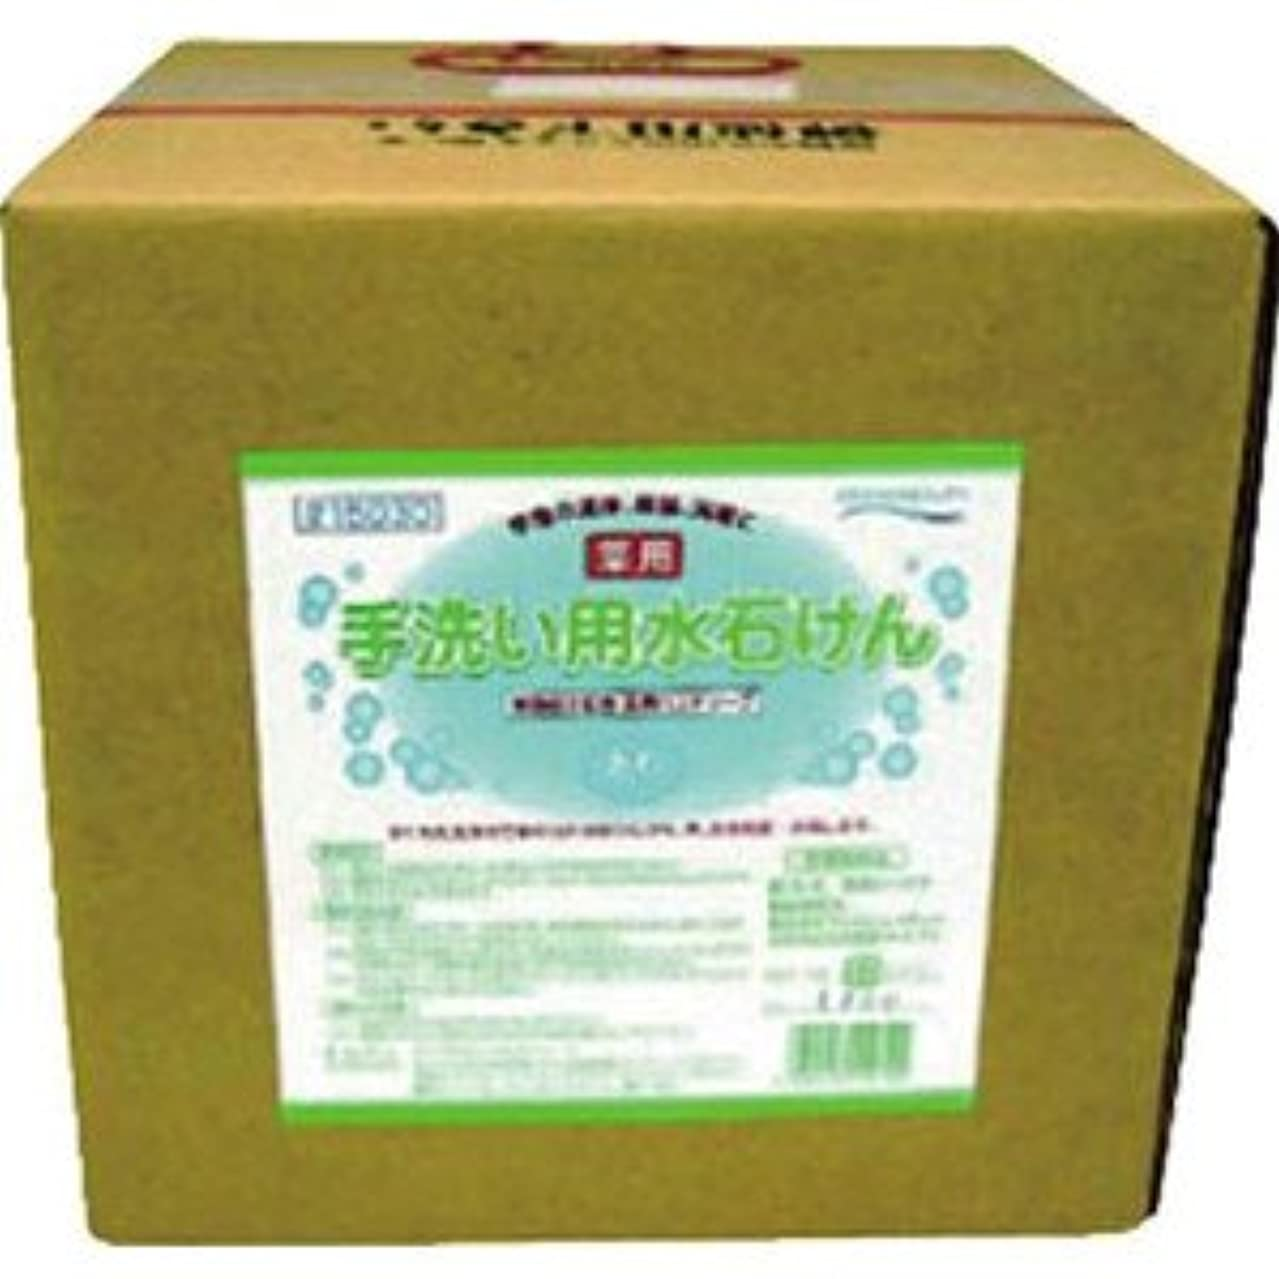 粘液スタジオ忠実な医薬部外品 泡タイプの薬用ハンドソープ 手洗い用水石けん18L 15030